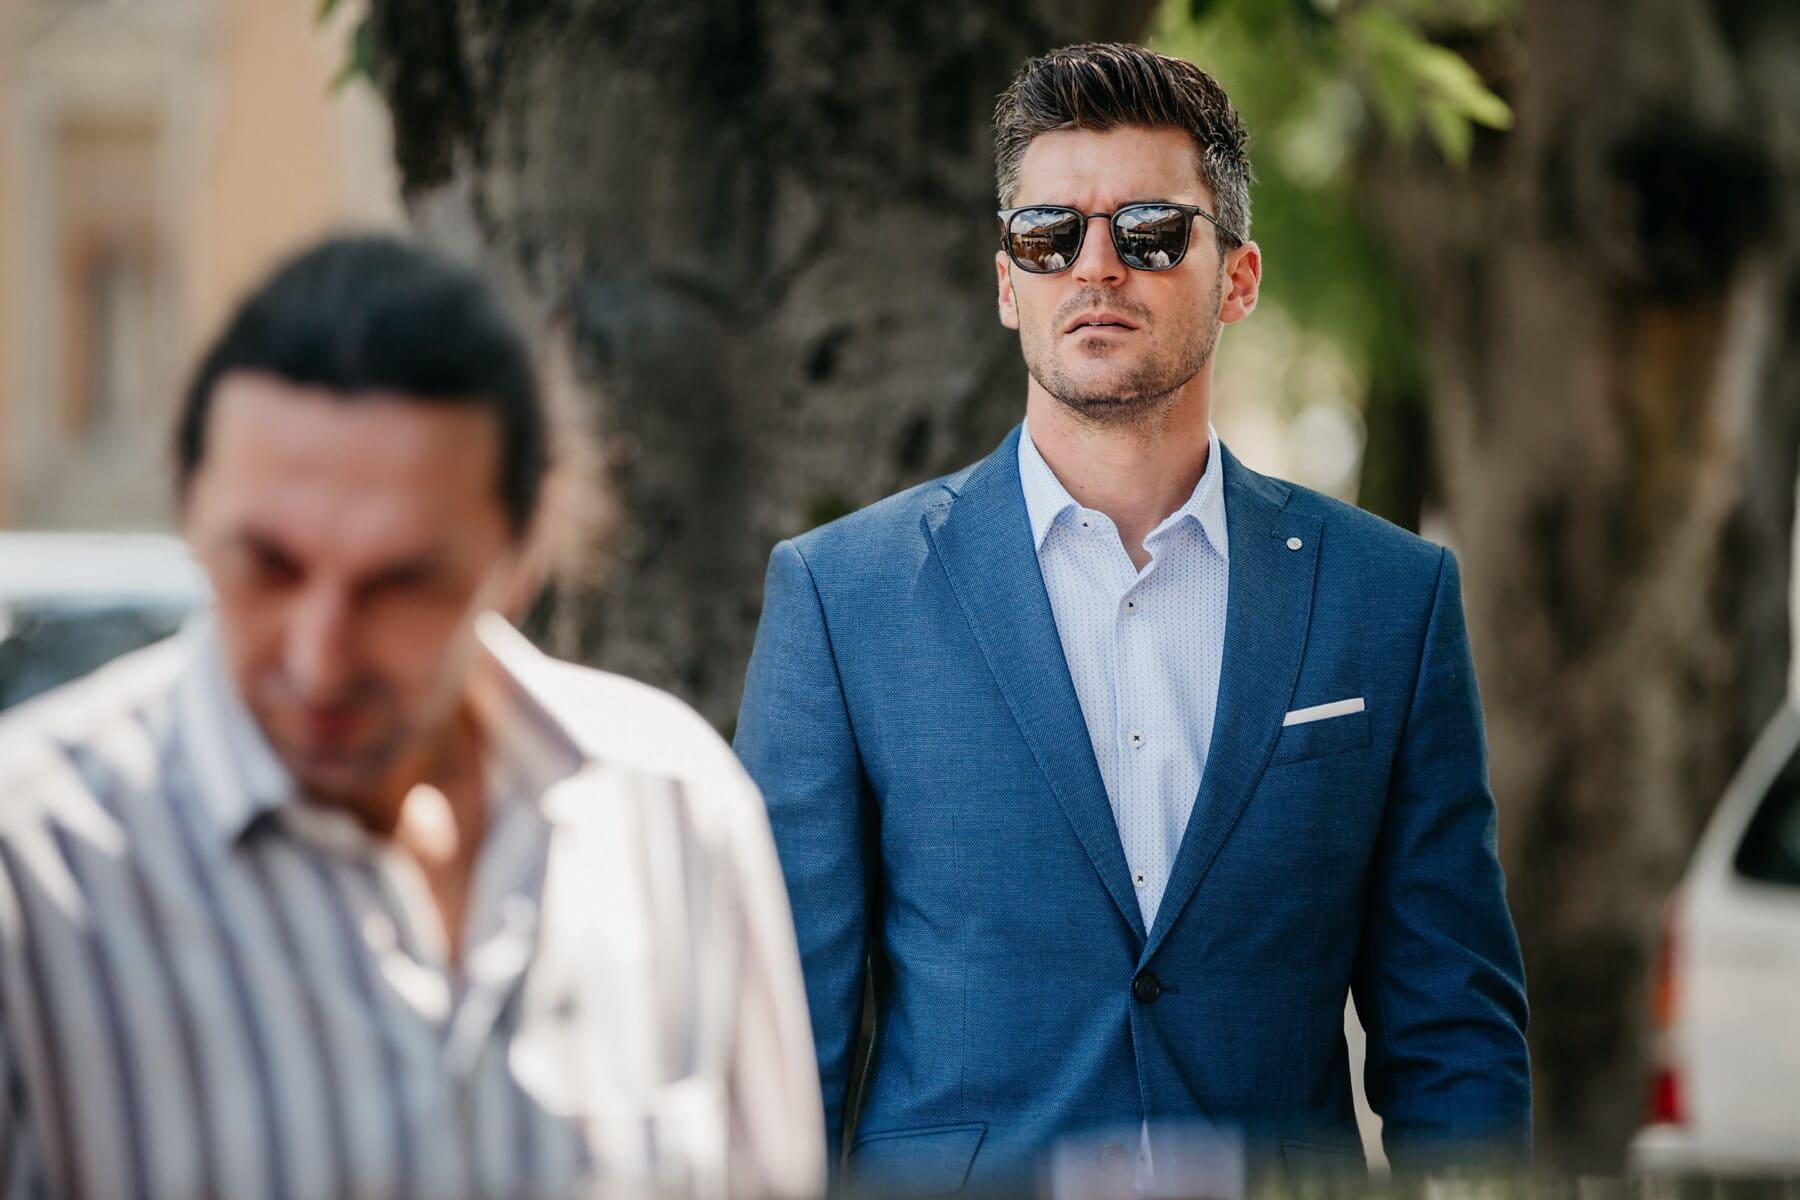 walking, handsome, businessman, suit, business, portrait, corporate, executive, man, person